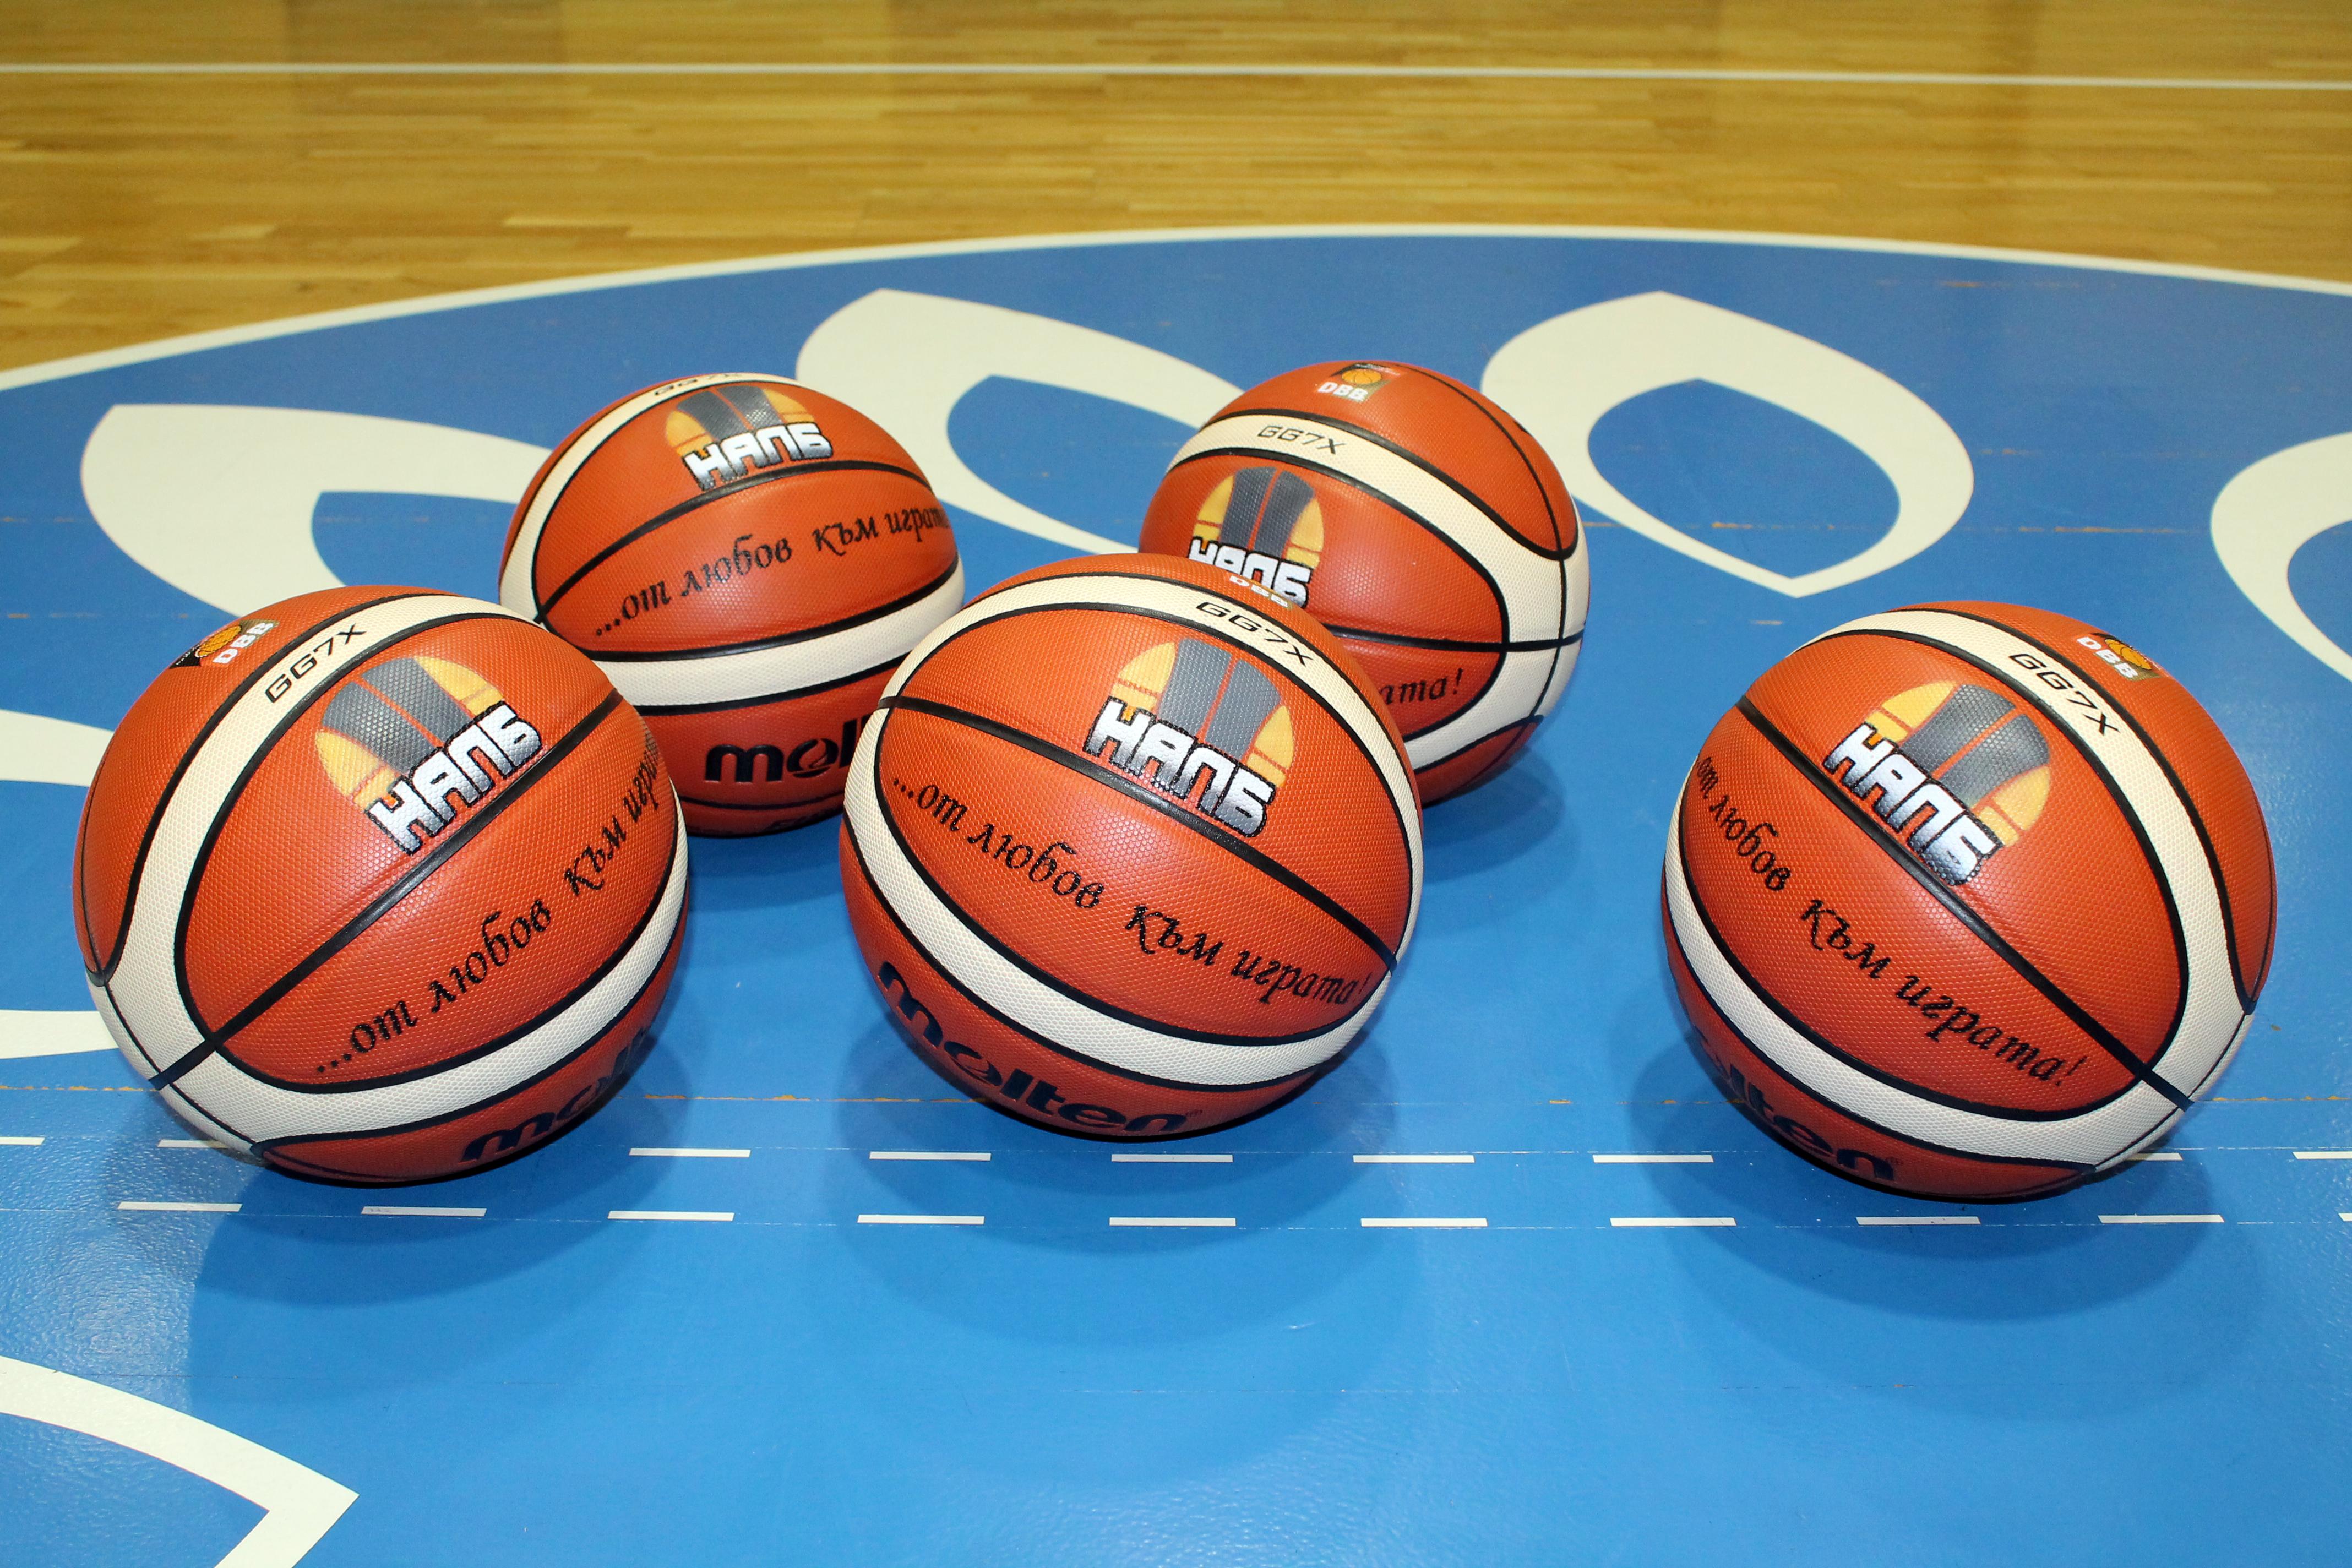 Баскетболна топка - Molten GG7X, официална топка на германската федерация, изработена по нова технология и утвърдена от ФИБА за периода от 2015 до 2020 година - 140.00 лева